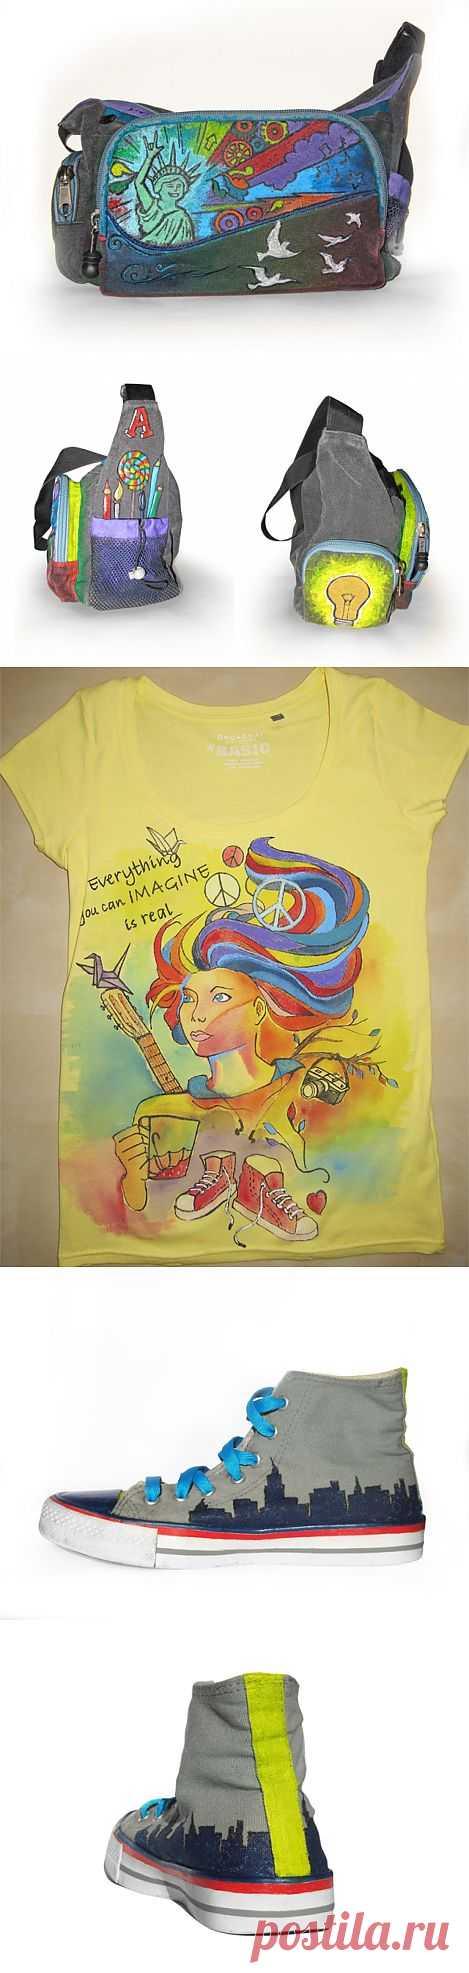 Роспись сумки, футболки и кед / Рисунки и надписи / Модный сайт о стильной переделке одежды и интерьера